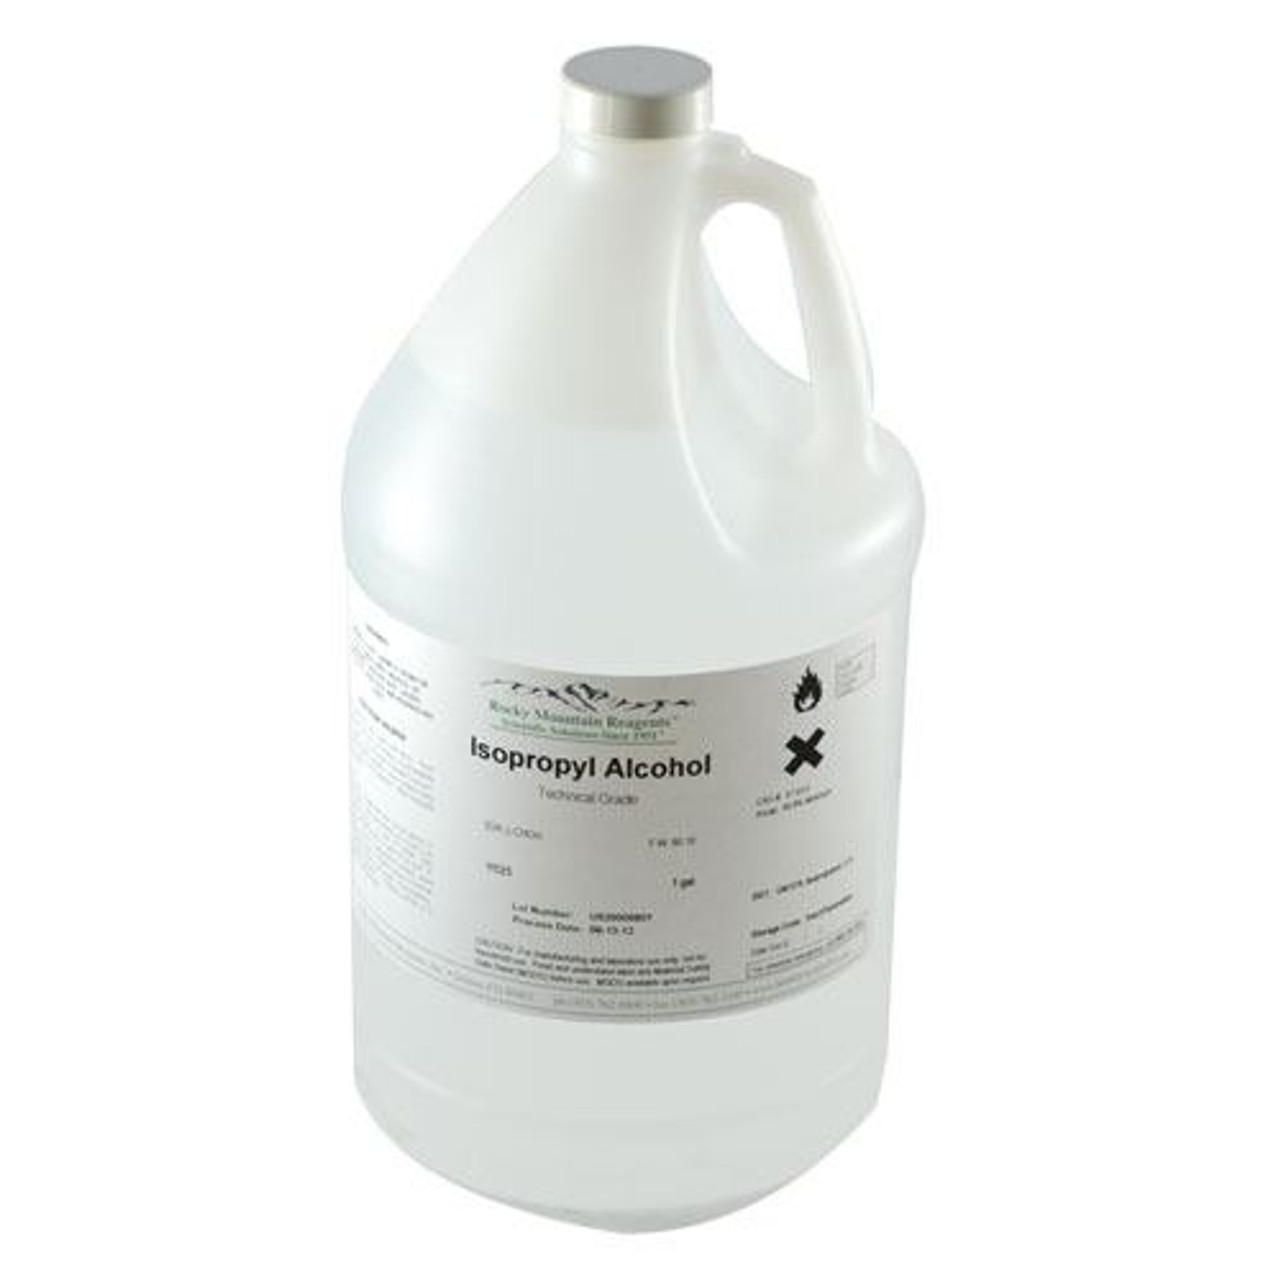 99 Percent Isopropyl Alcohol - 1 Gallon Jug